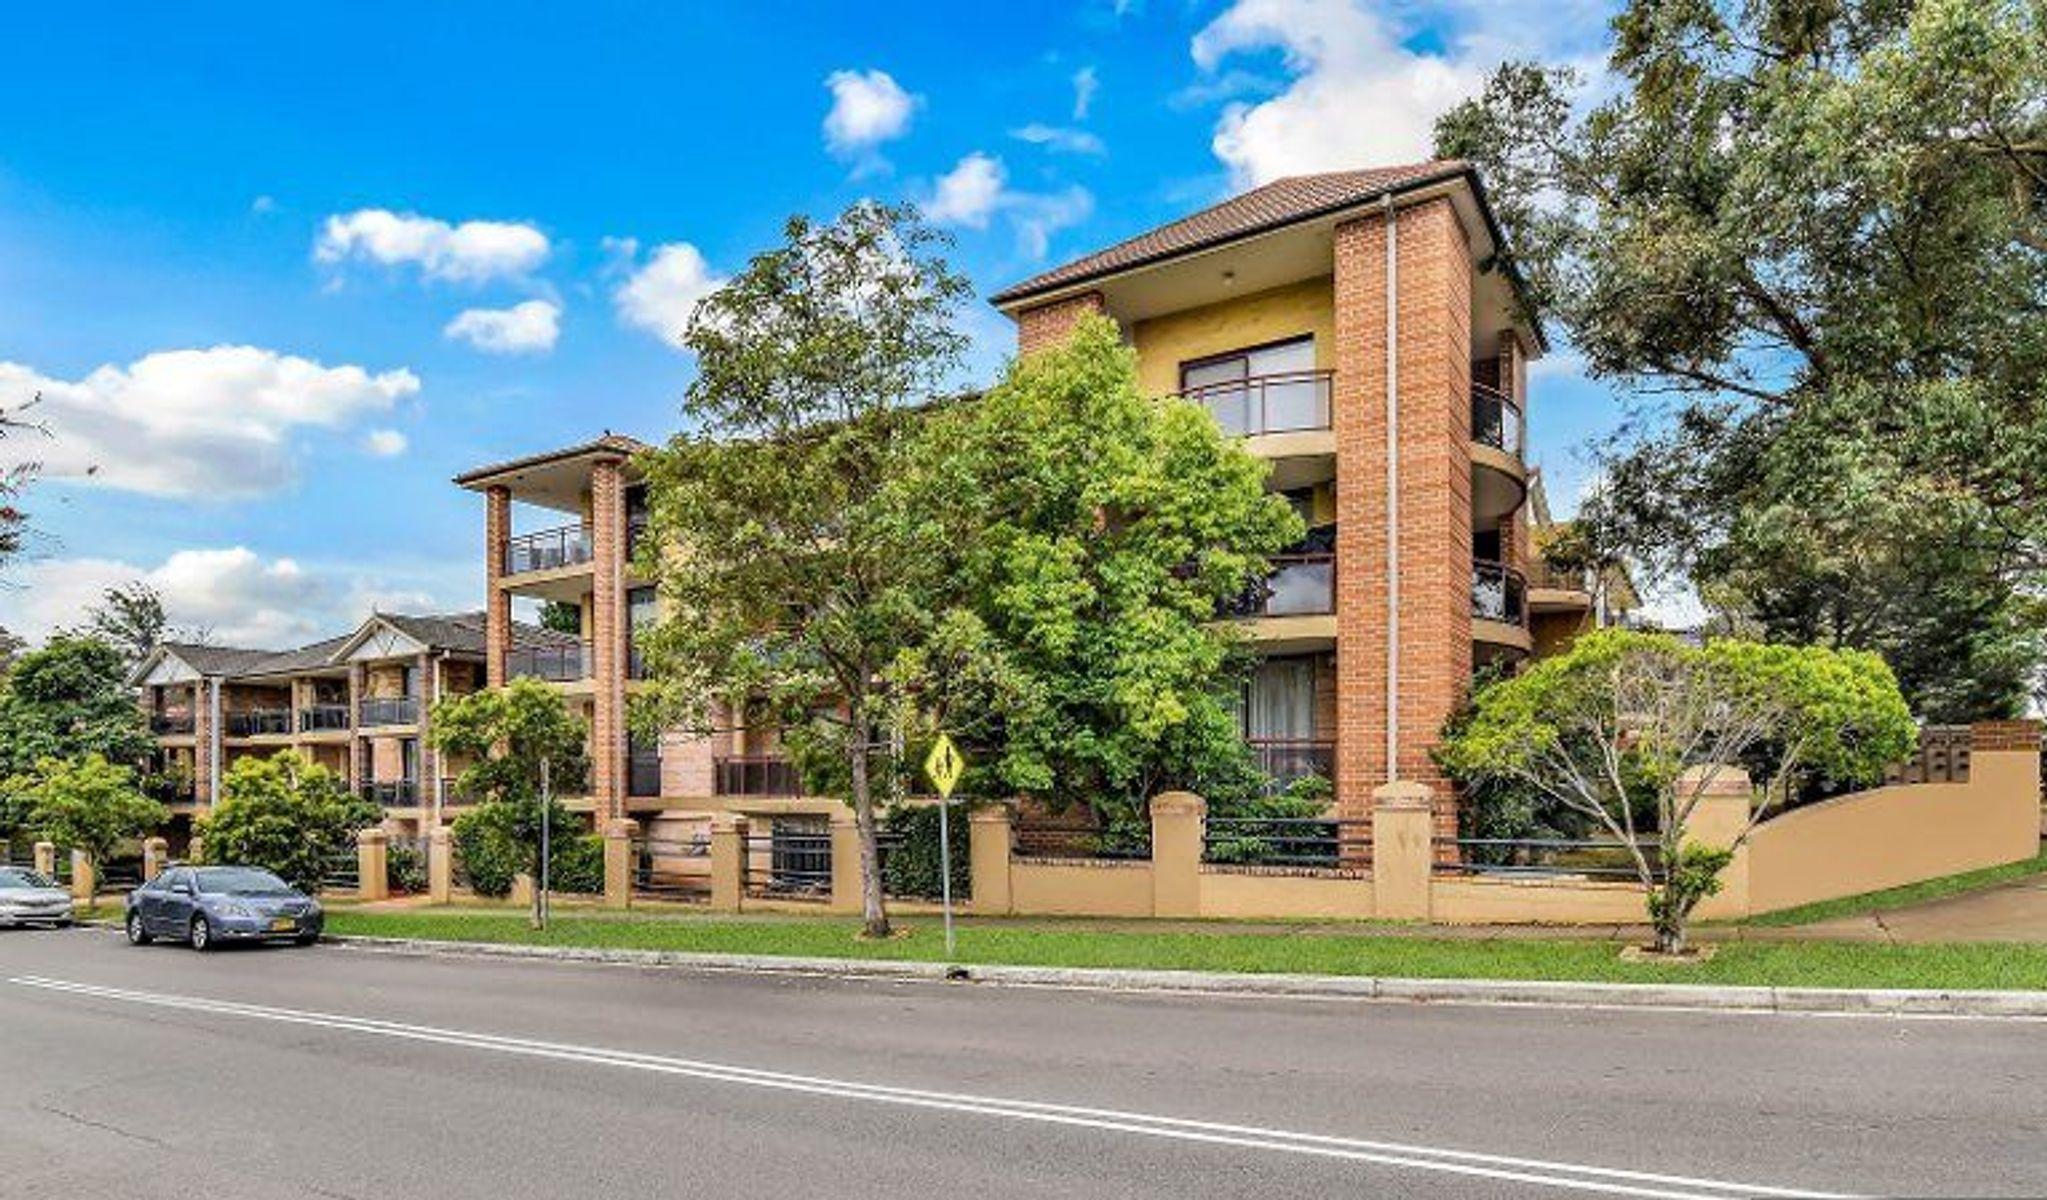 52/27-33 Addlestone Street, Merrylands, NSW 2160